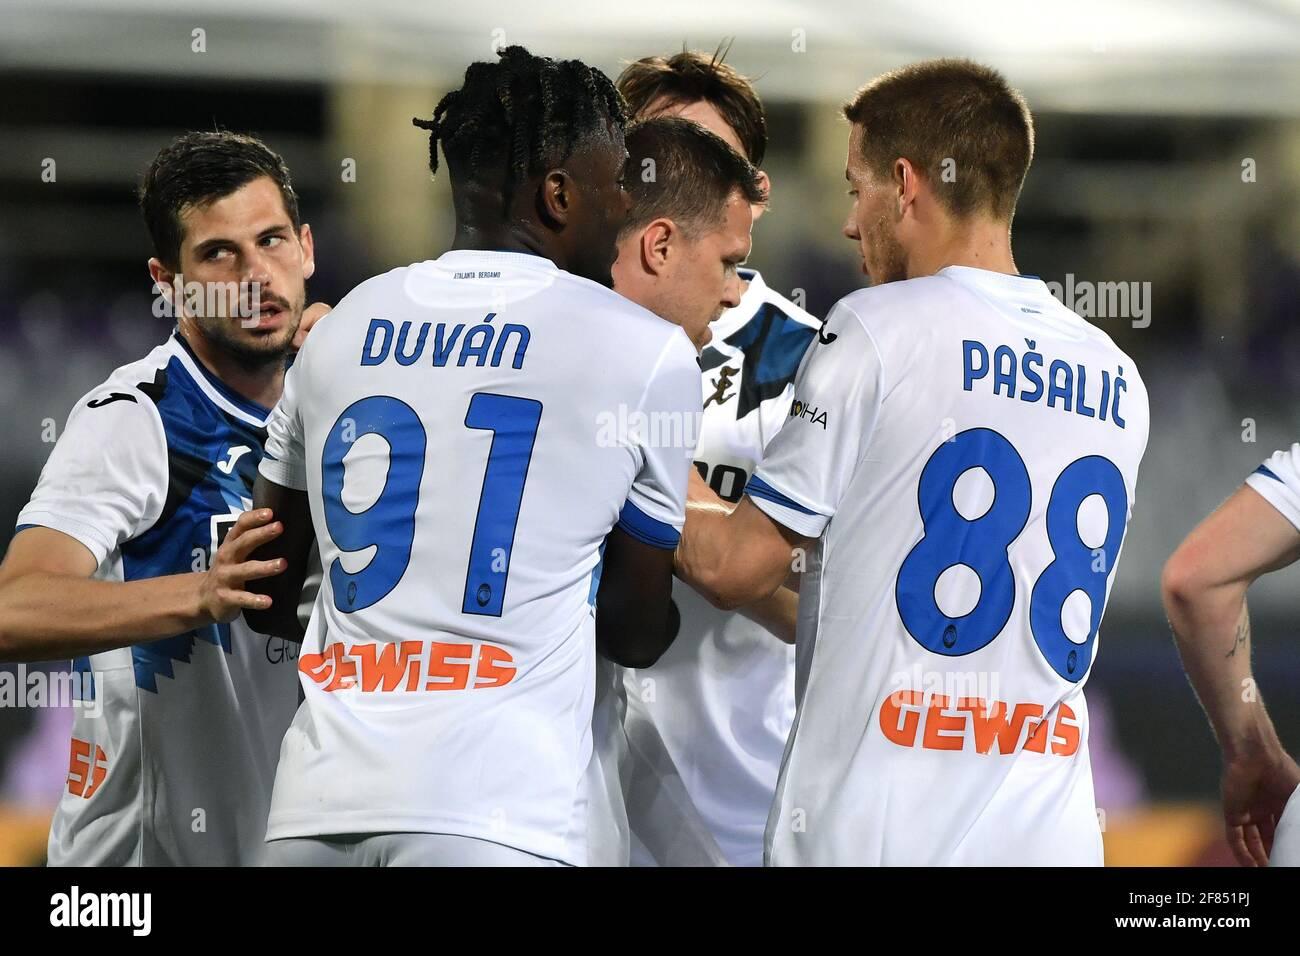 Josip Ilicic Atalanta Bergamasca Calcio High Resolution Stock ...